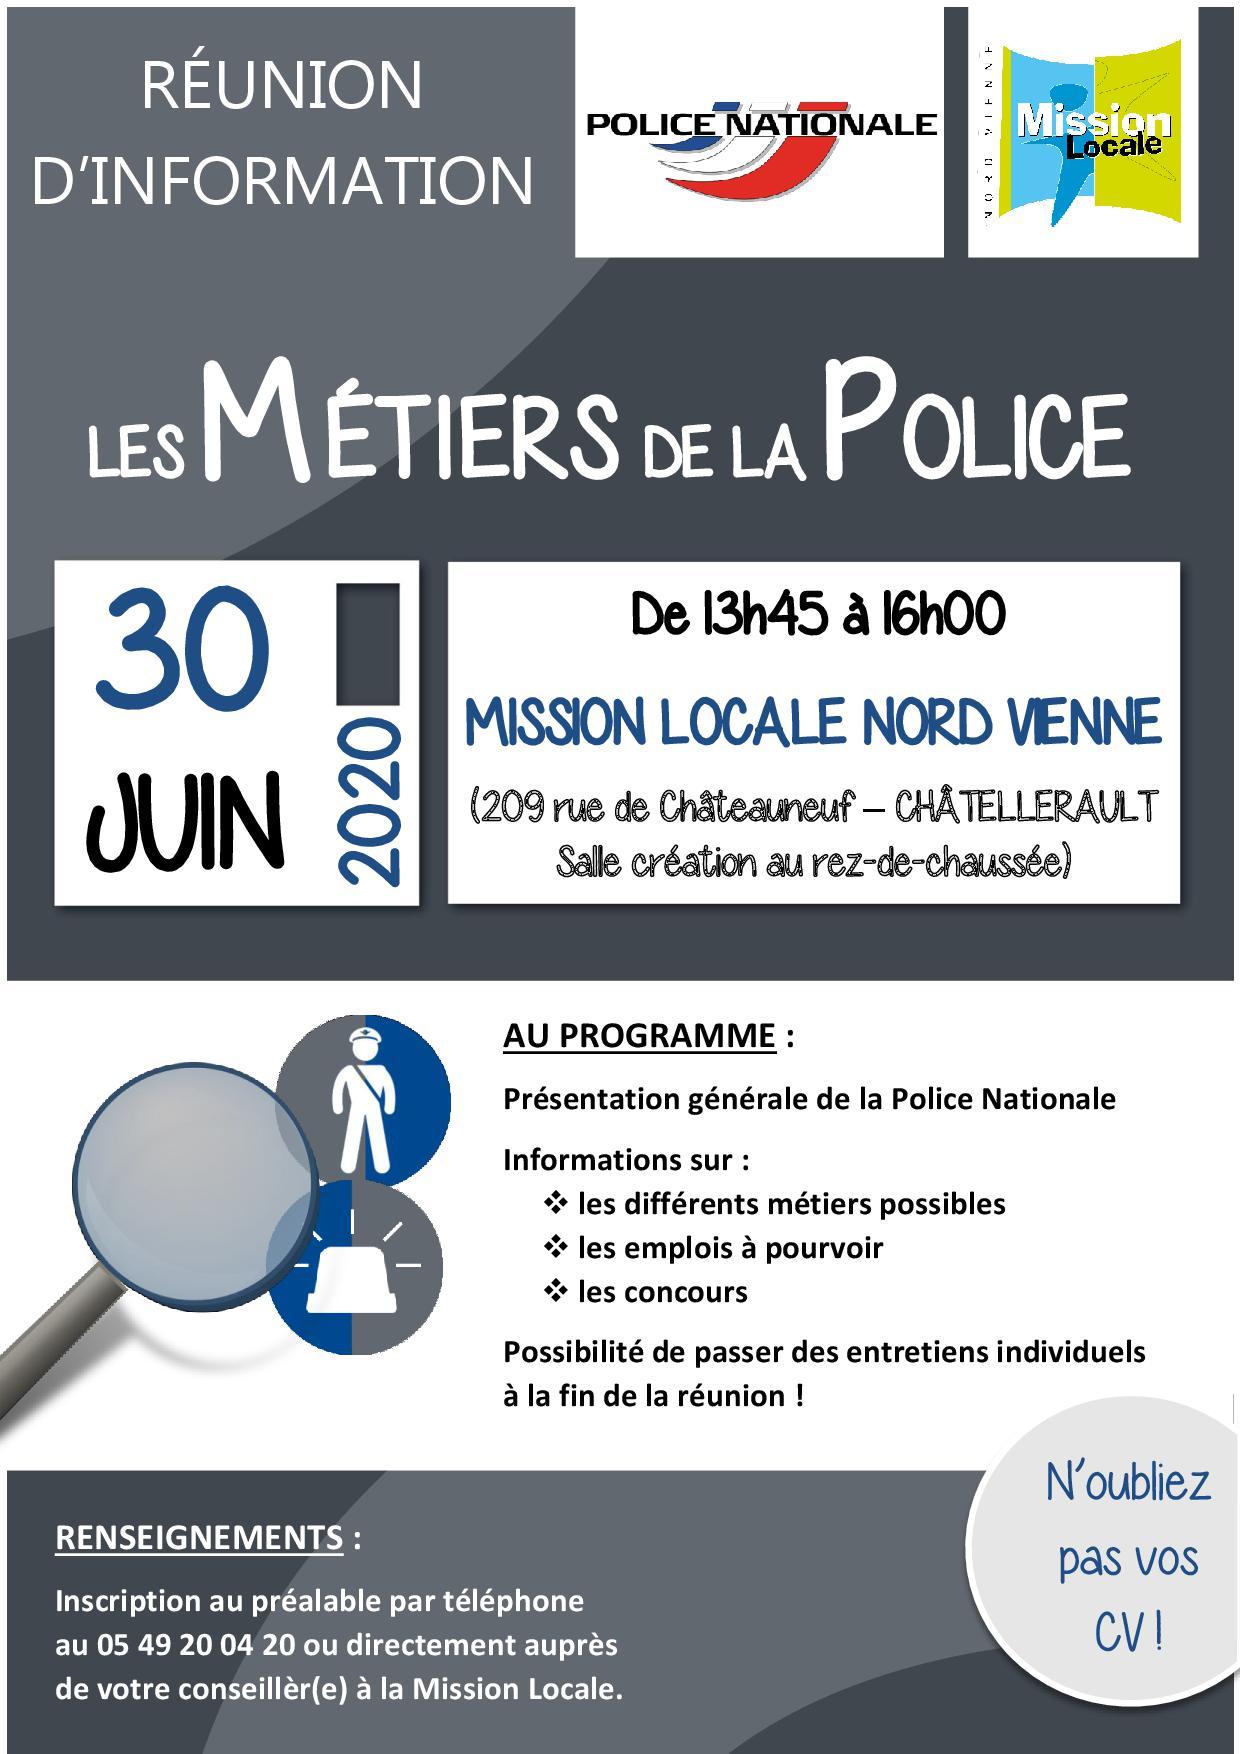 RÉUNION D'INFORMATION : Les métiers de la Police